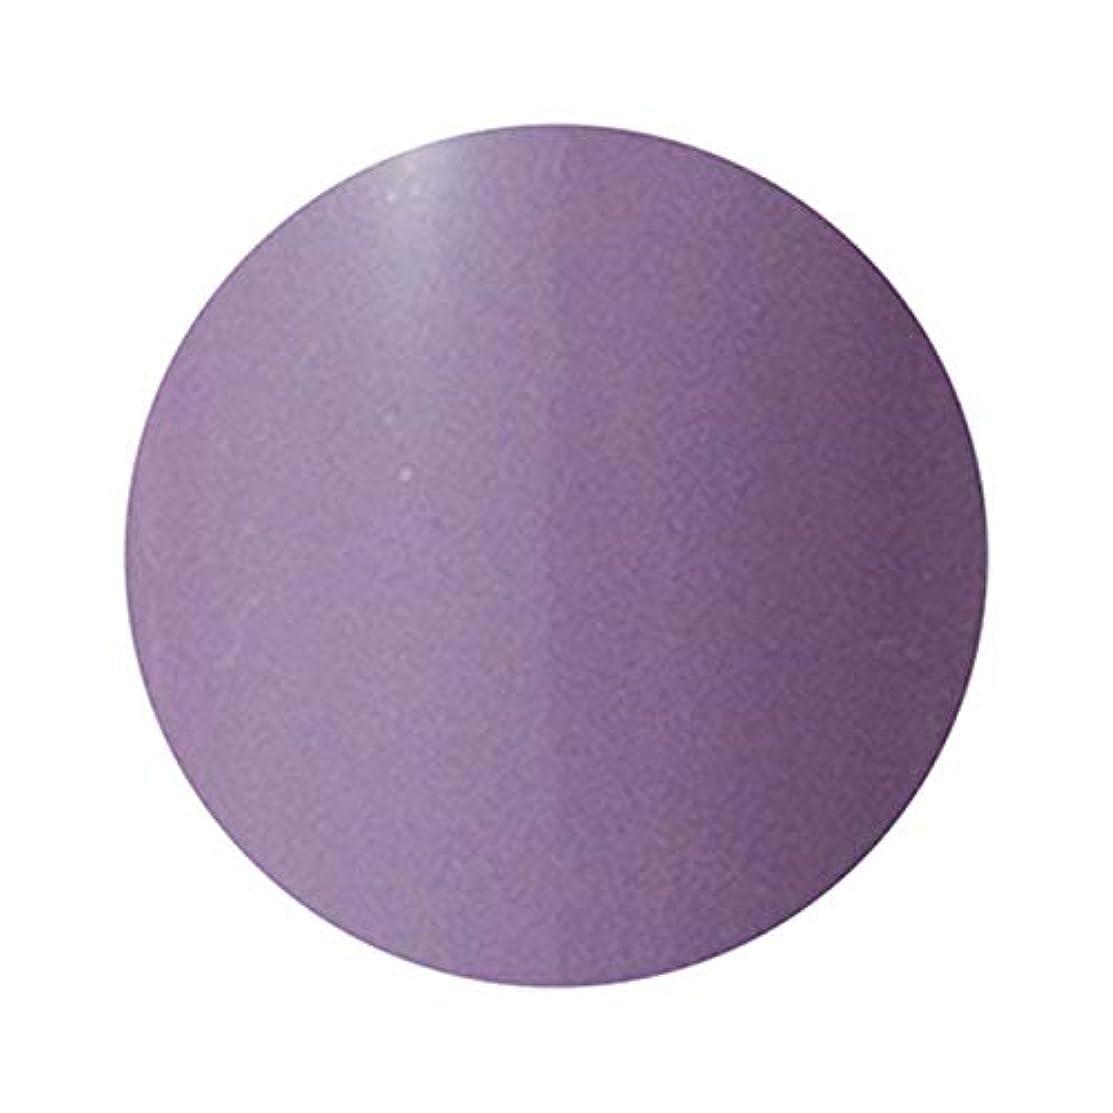 バドミントン団結する粘液PREANFA (プリアンファ) PREGEL Muse カラージェル ヴェールモーブ284 3g PGU-S284 ジェルネイル